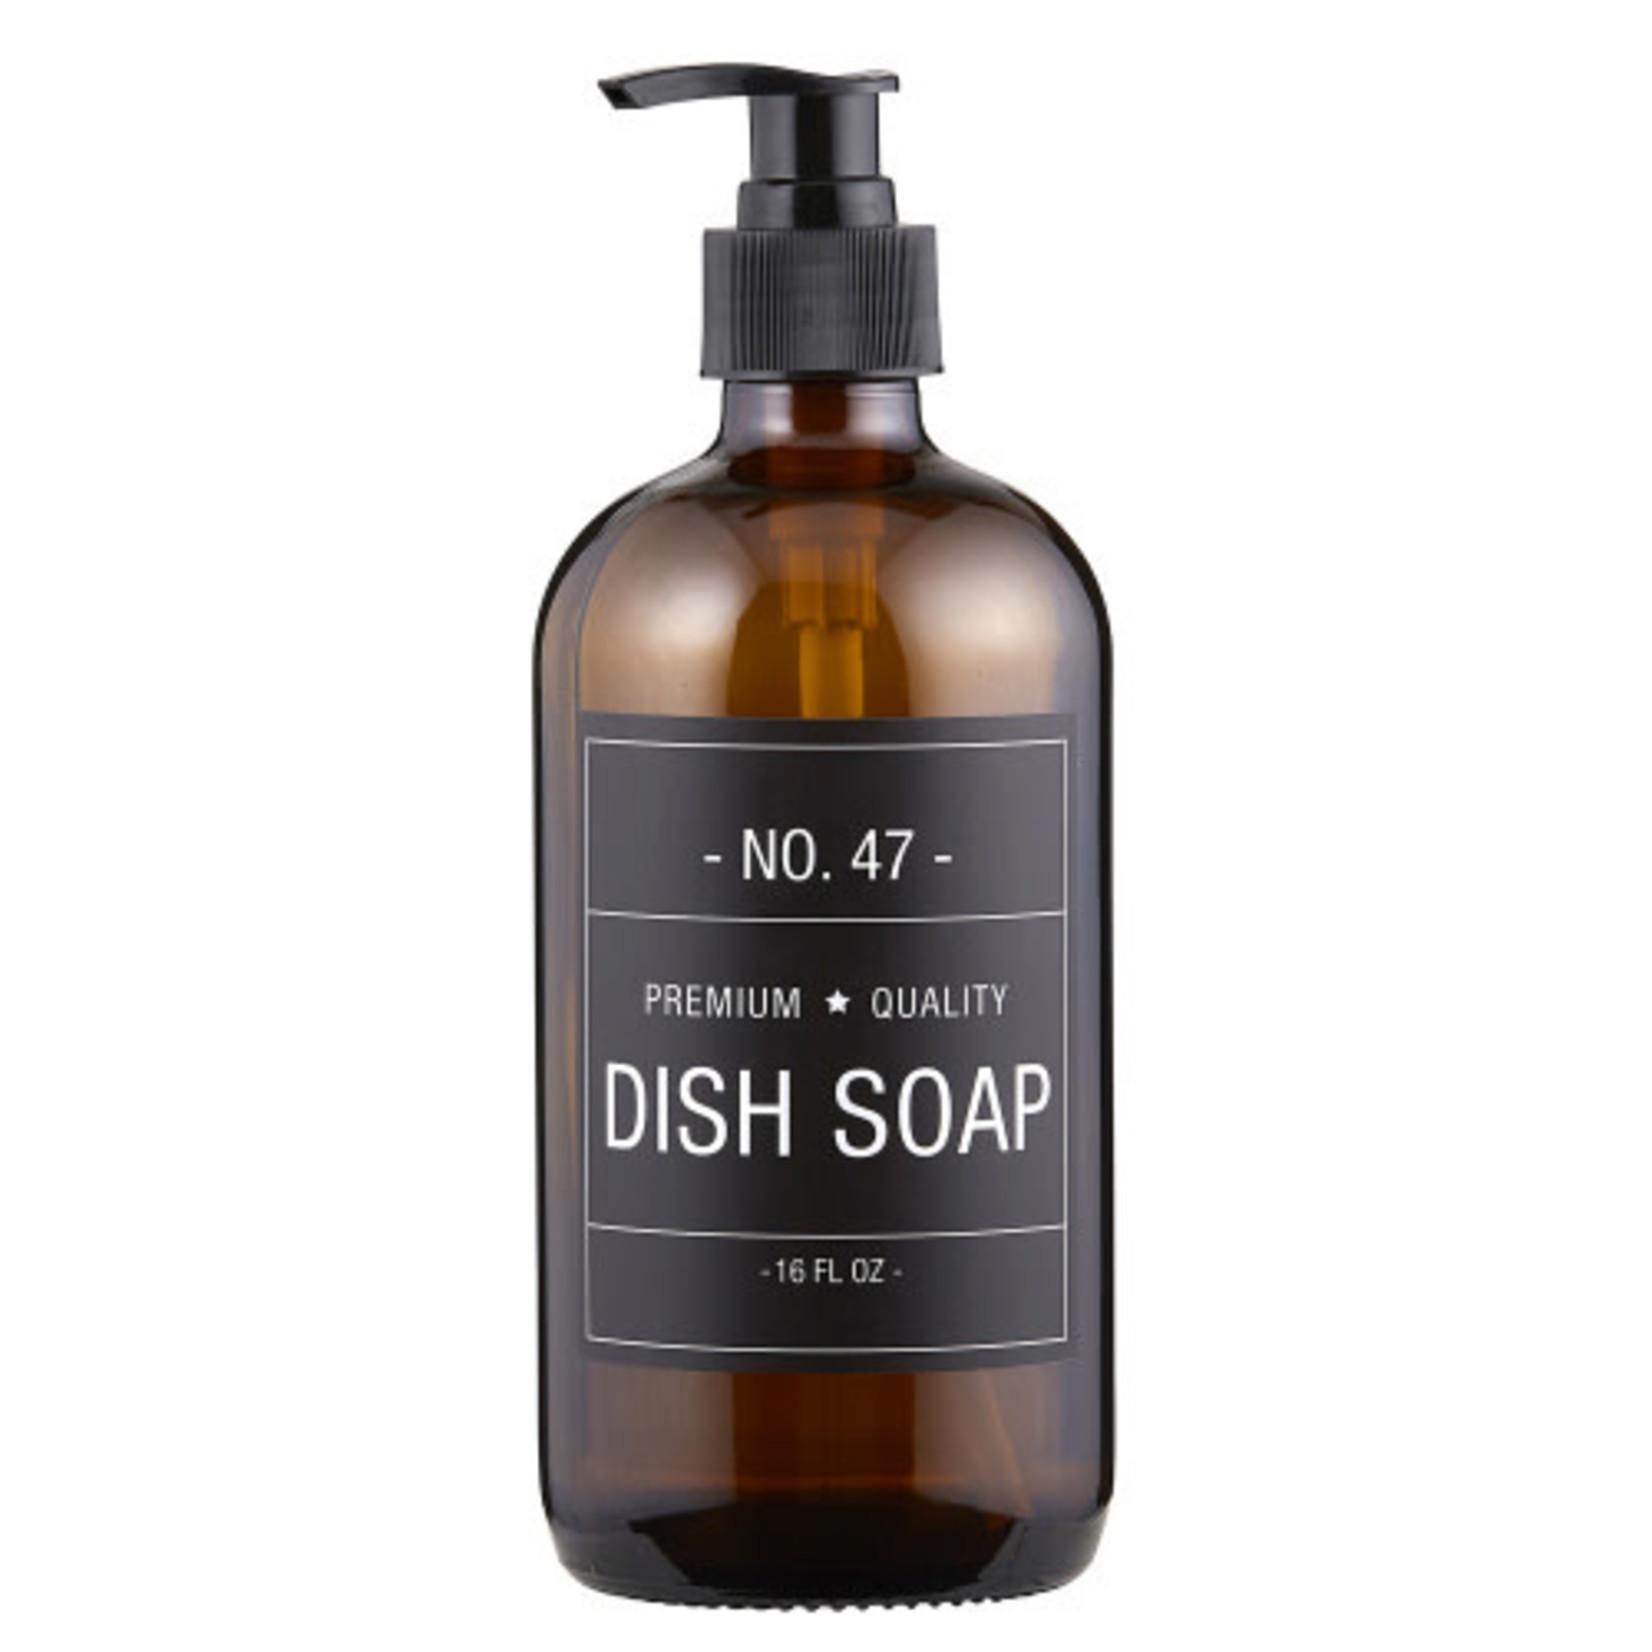 Dish Soap Bottle